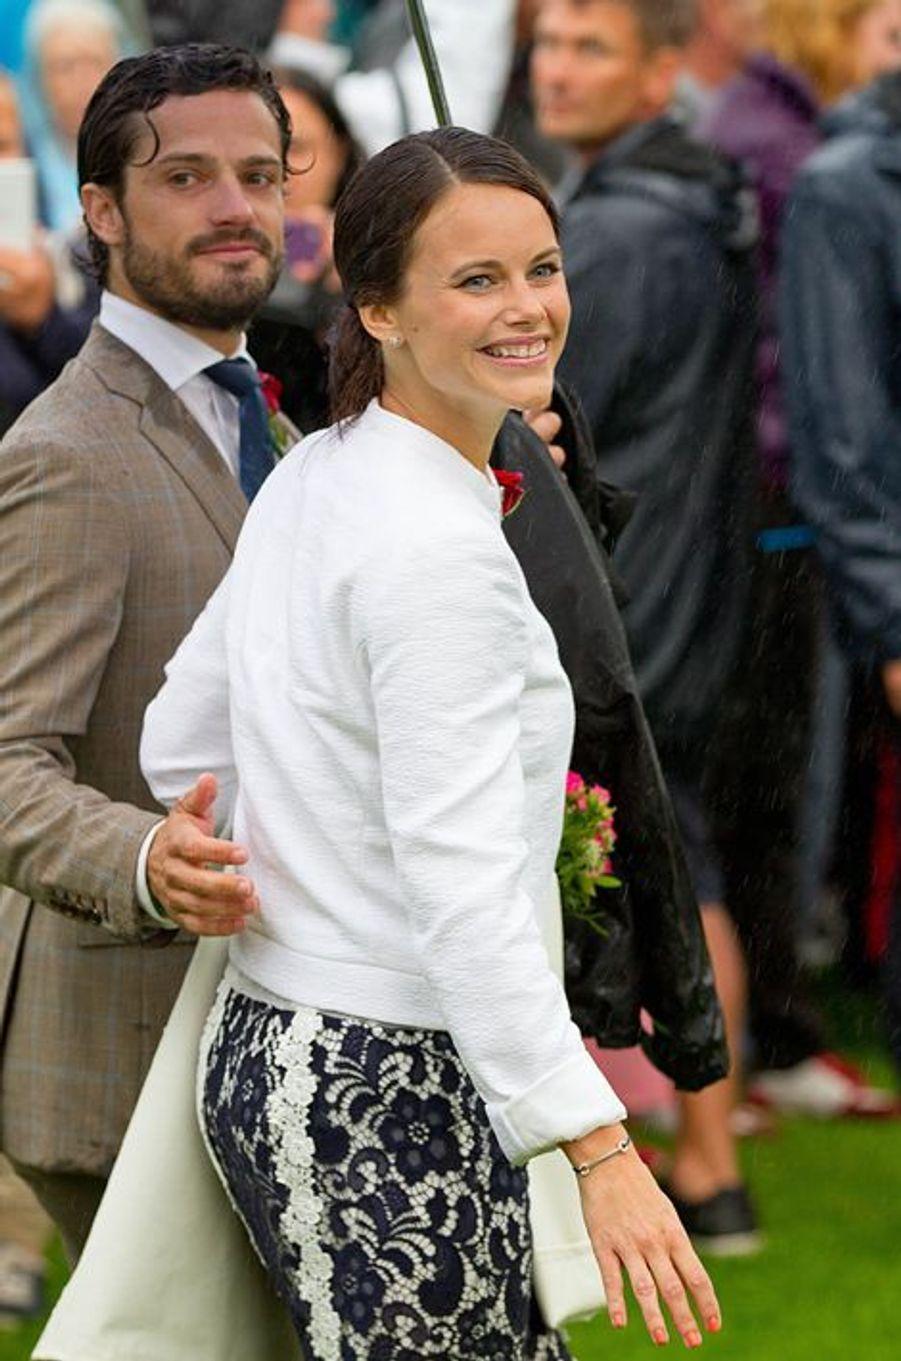 Sofia Hellqvist et le prince Carl Philip de Suède, le 14 juillet 2014